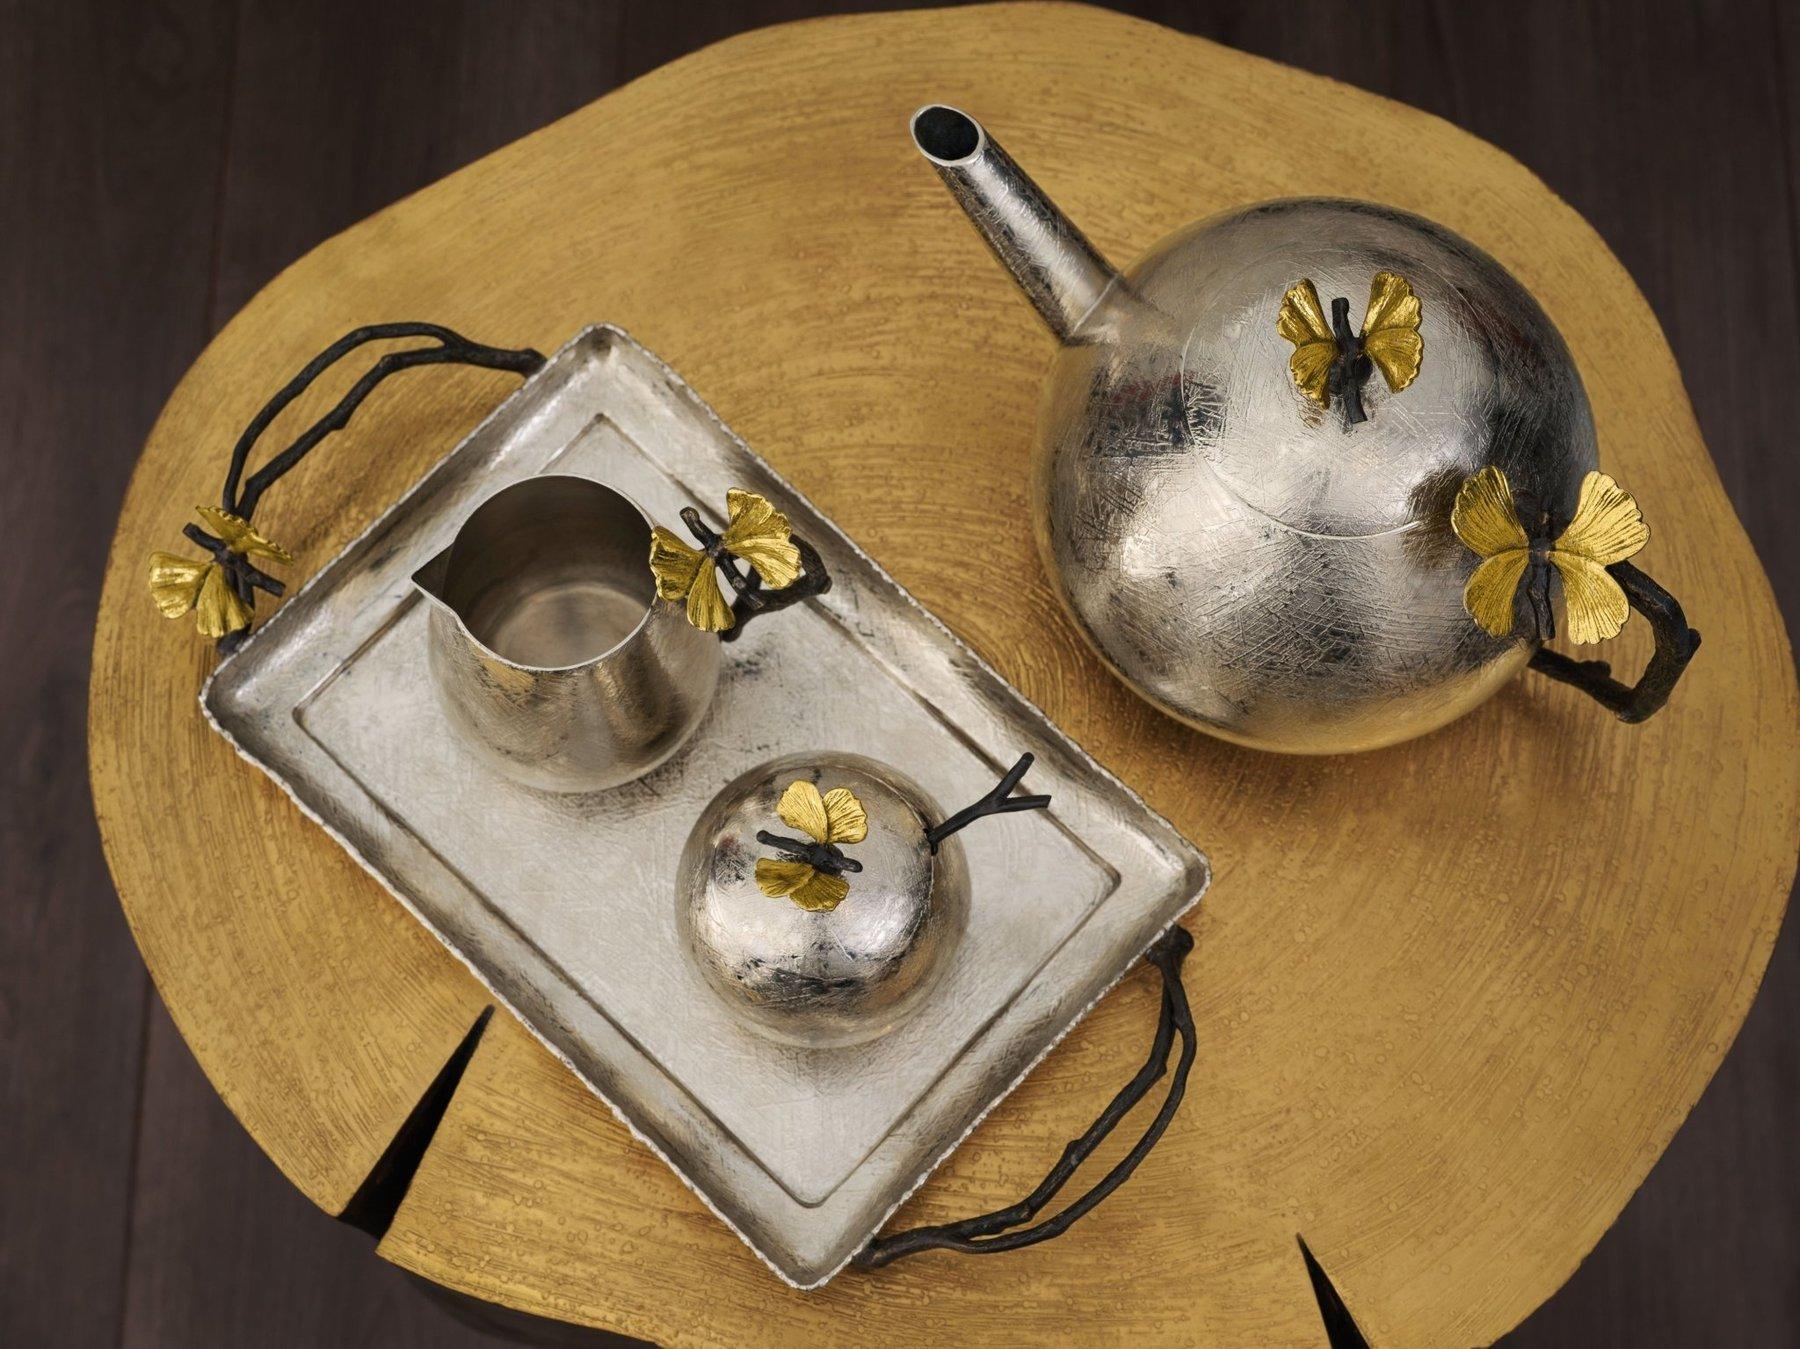 michael-aram-butterfly-ginkgo-round-teapot-639298-1800x1349.jpg